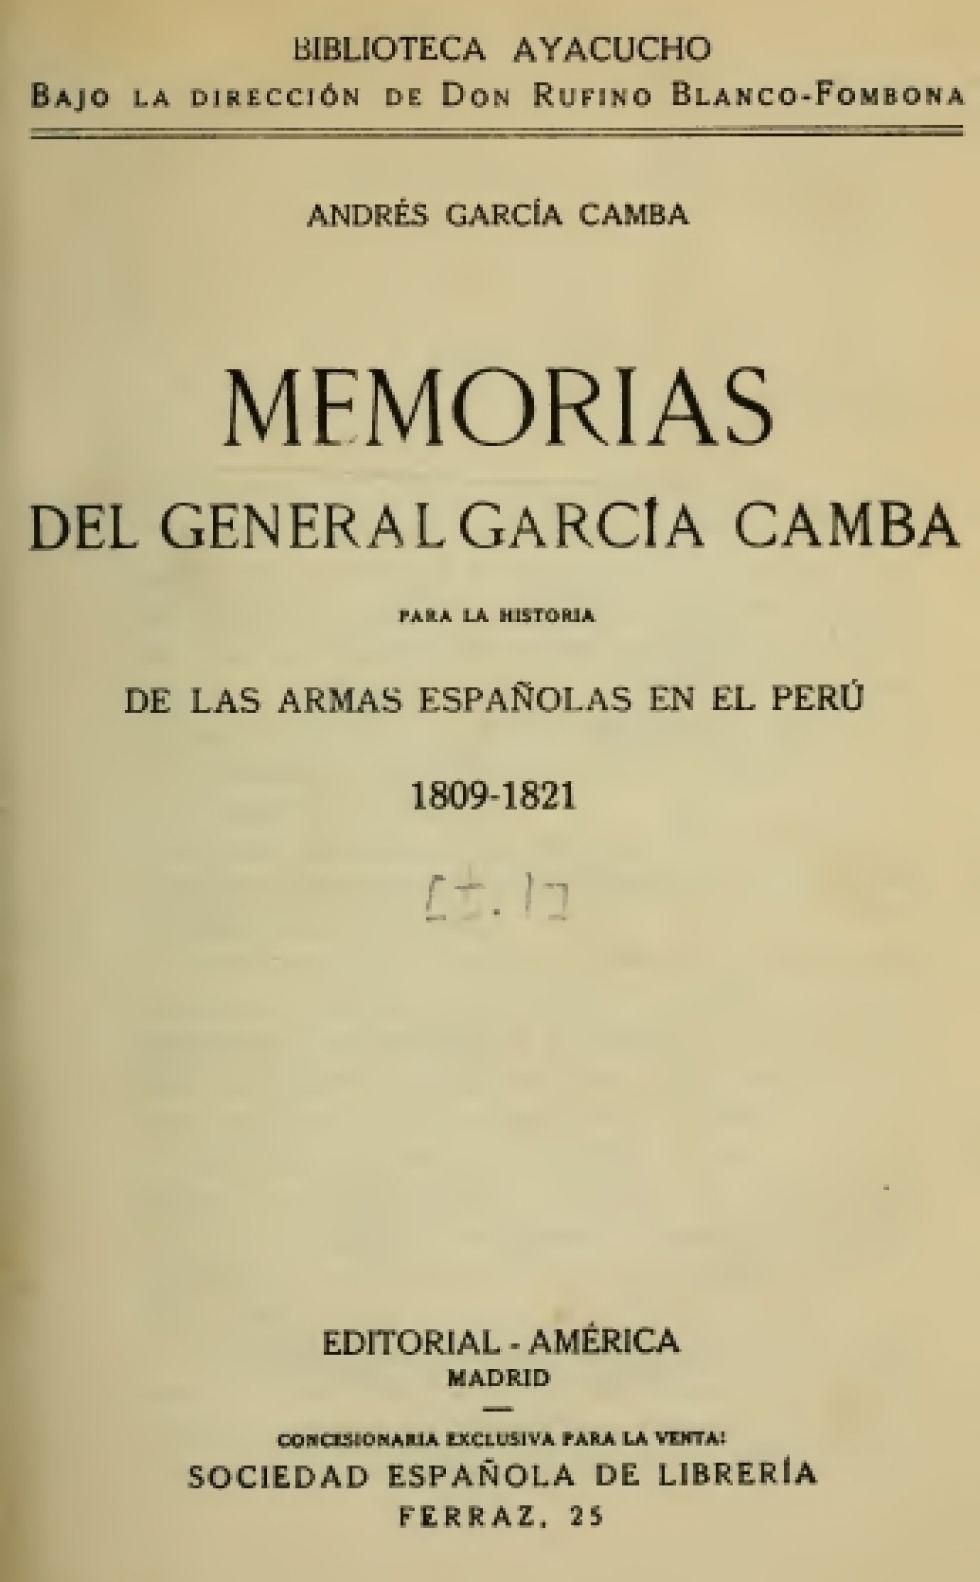 Portada de las Memorias del General García Camba.